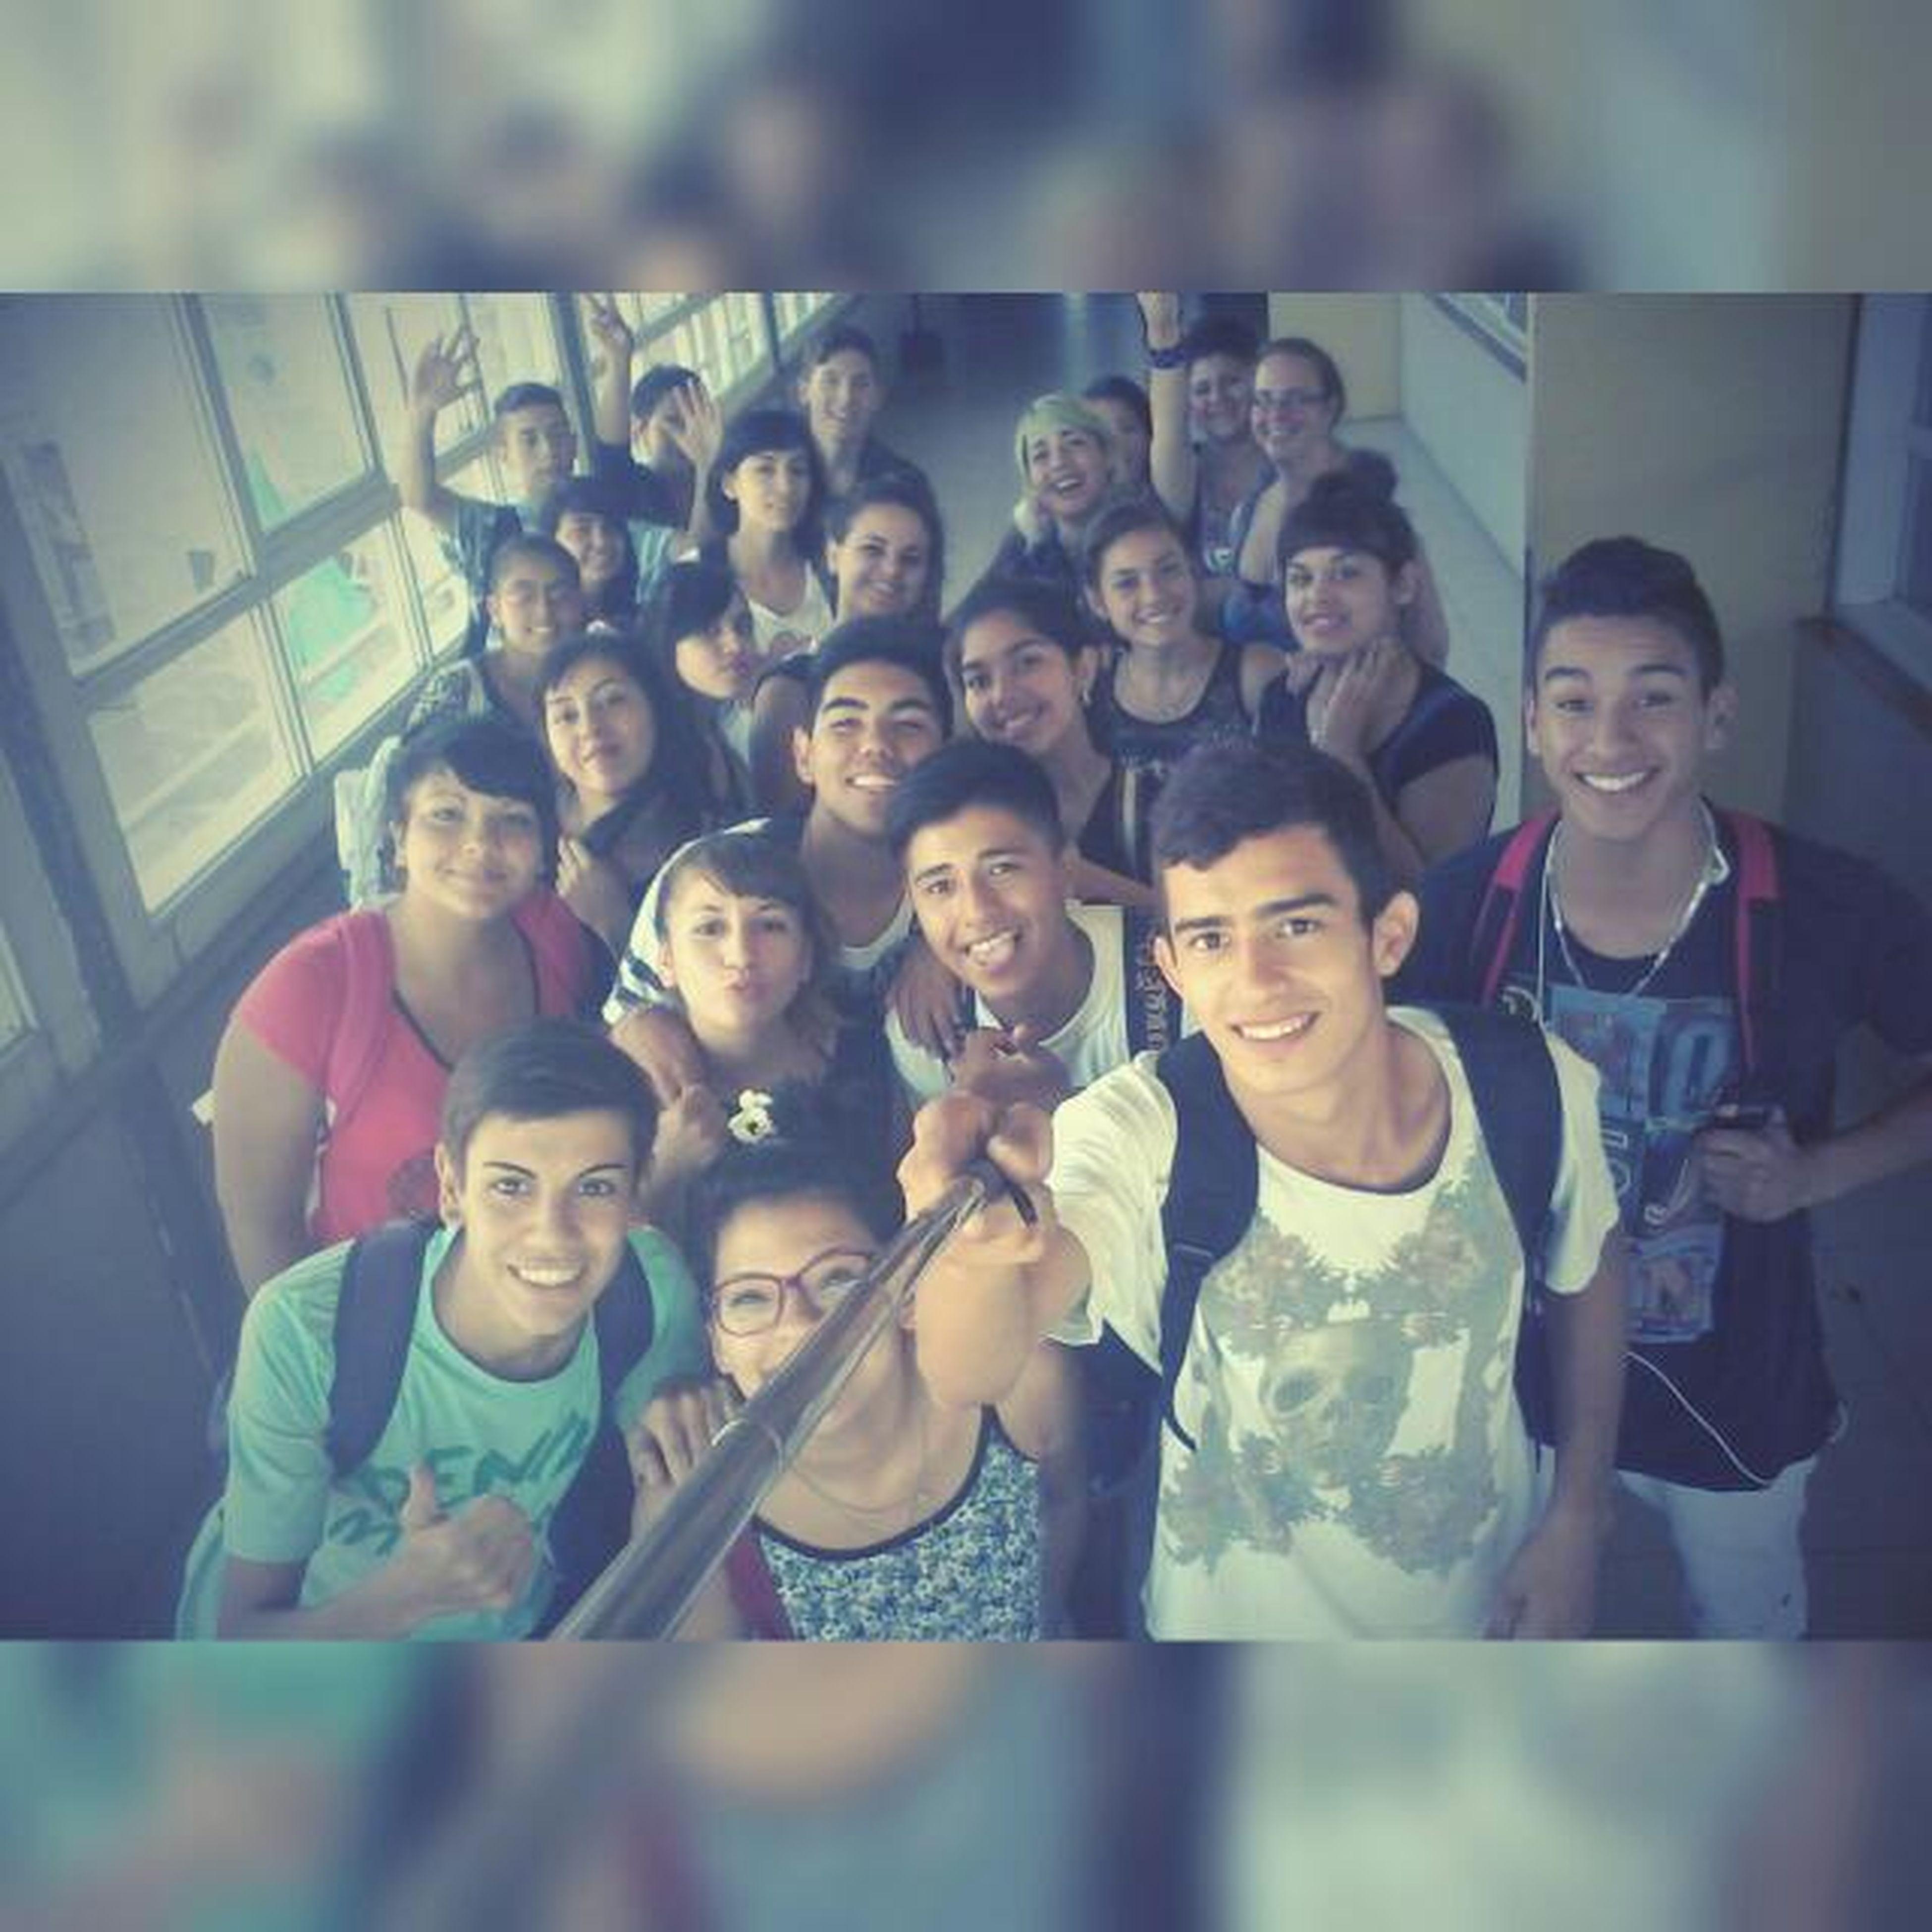 Promo16 Or16inales Prest16iosos ♥ la banda del siglo Am16os Egresados 2016